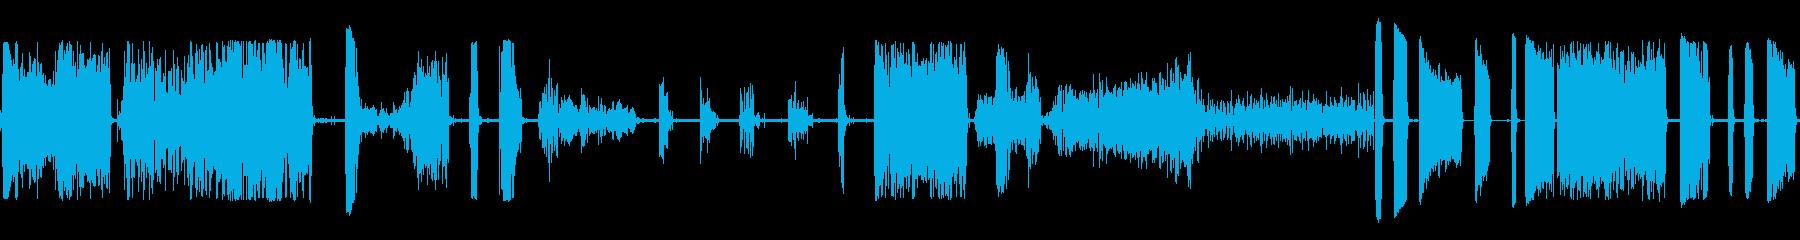 水面エアツールドリルの再生済みの波形